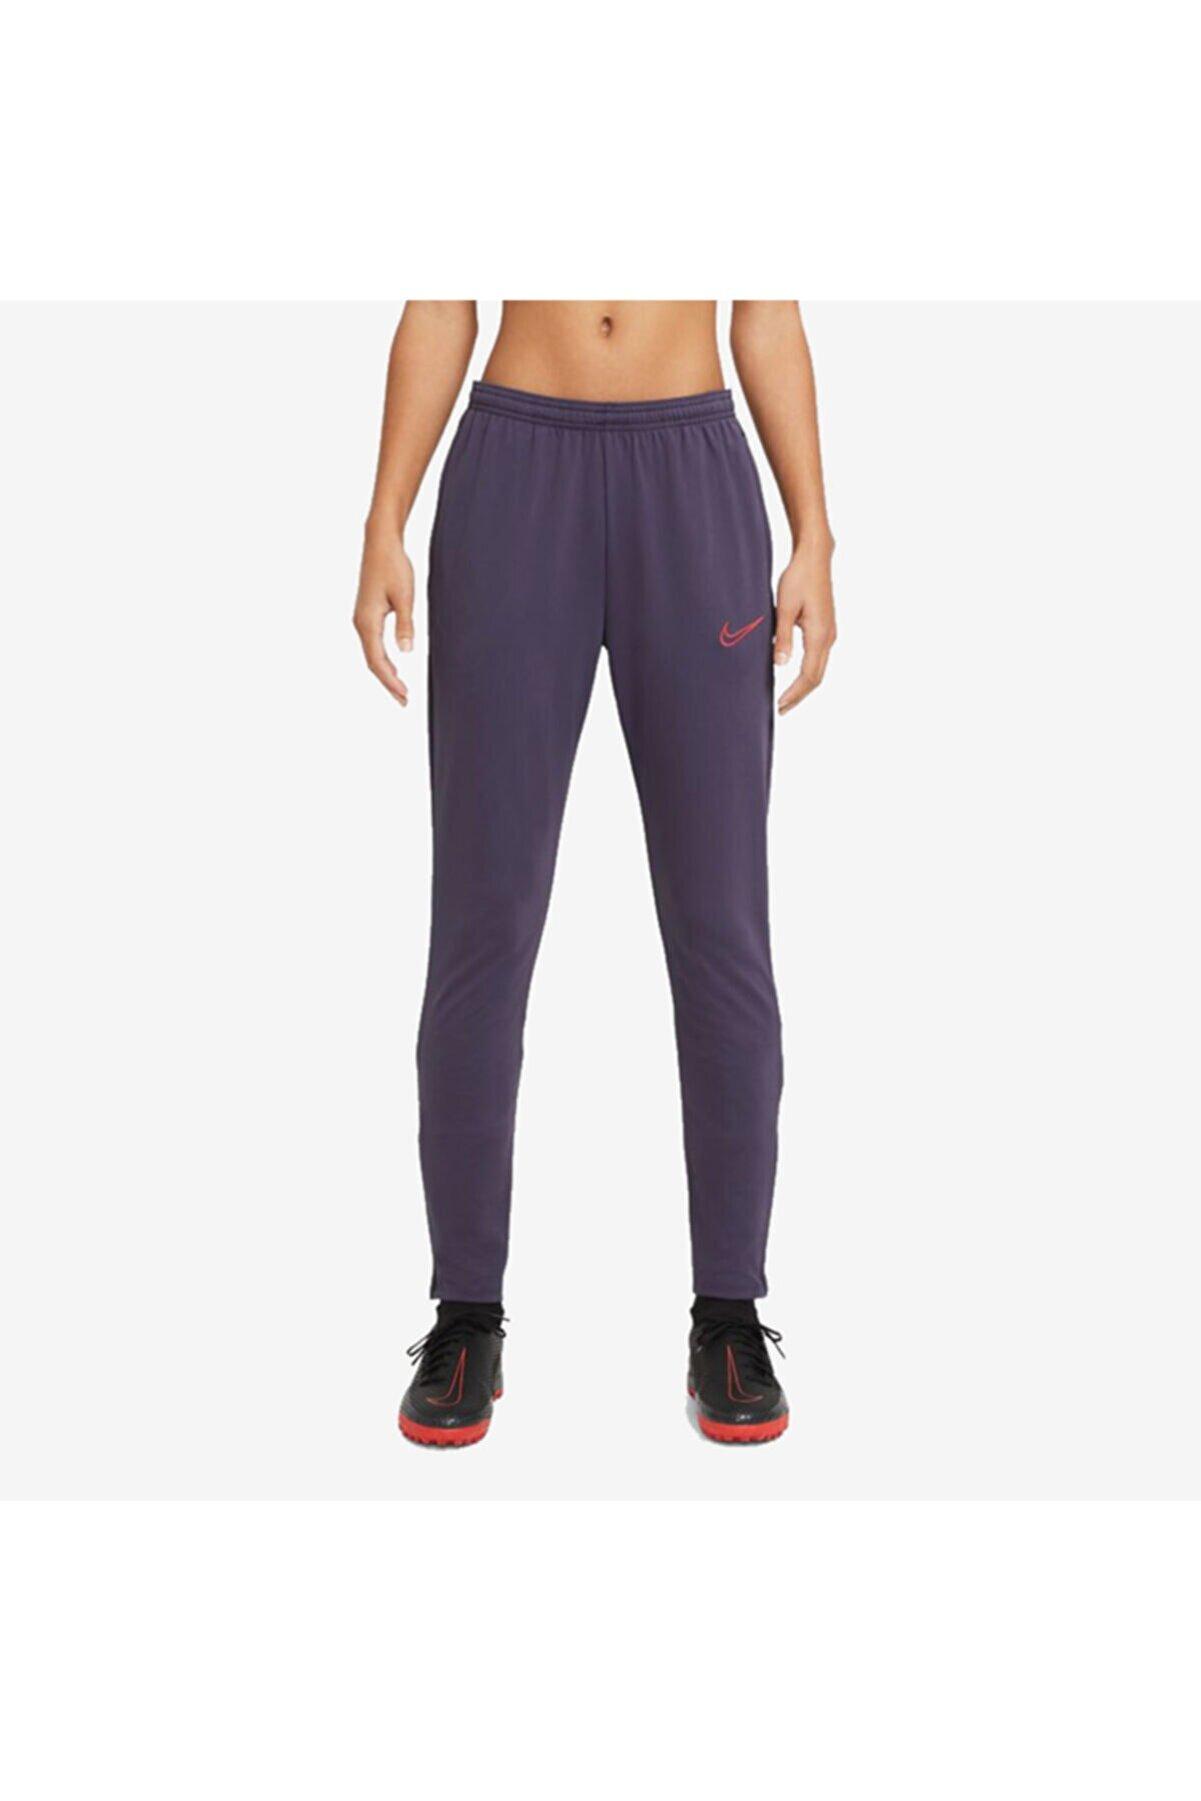 Nike Women Academy21 Eşofman Altı -cv2665-573